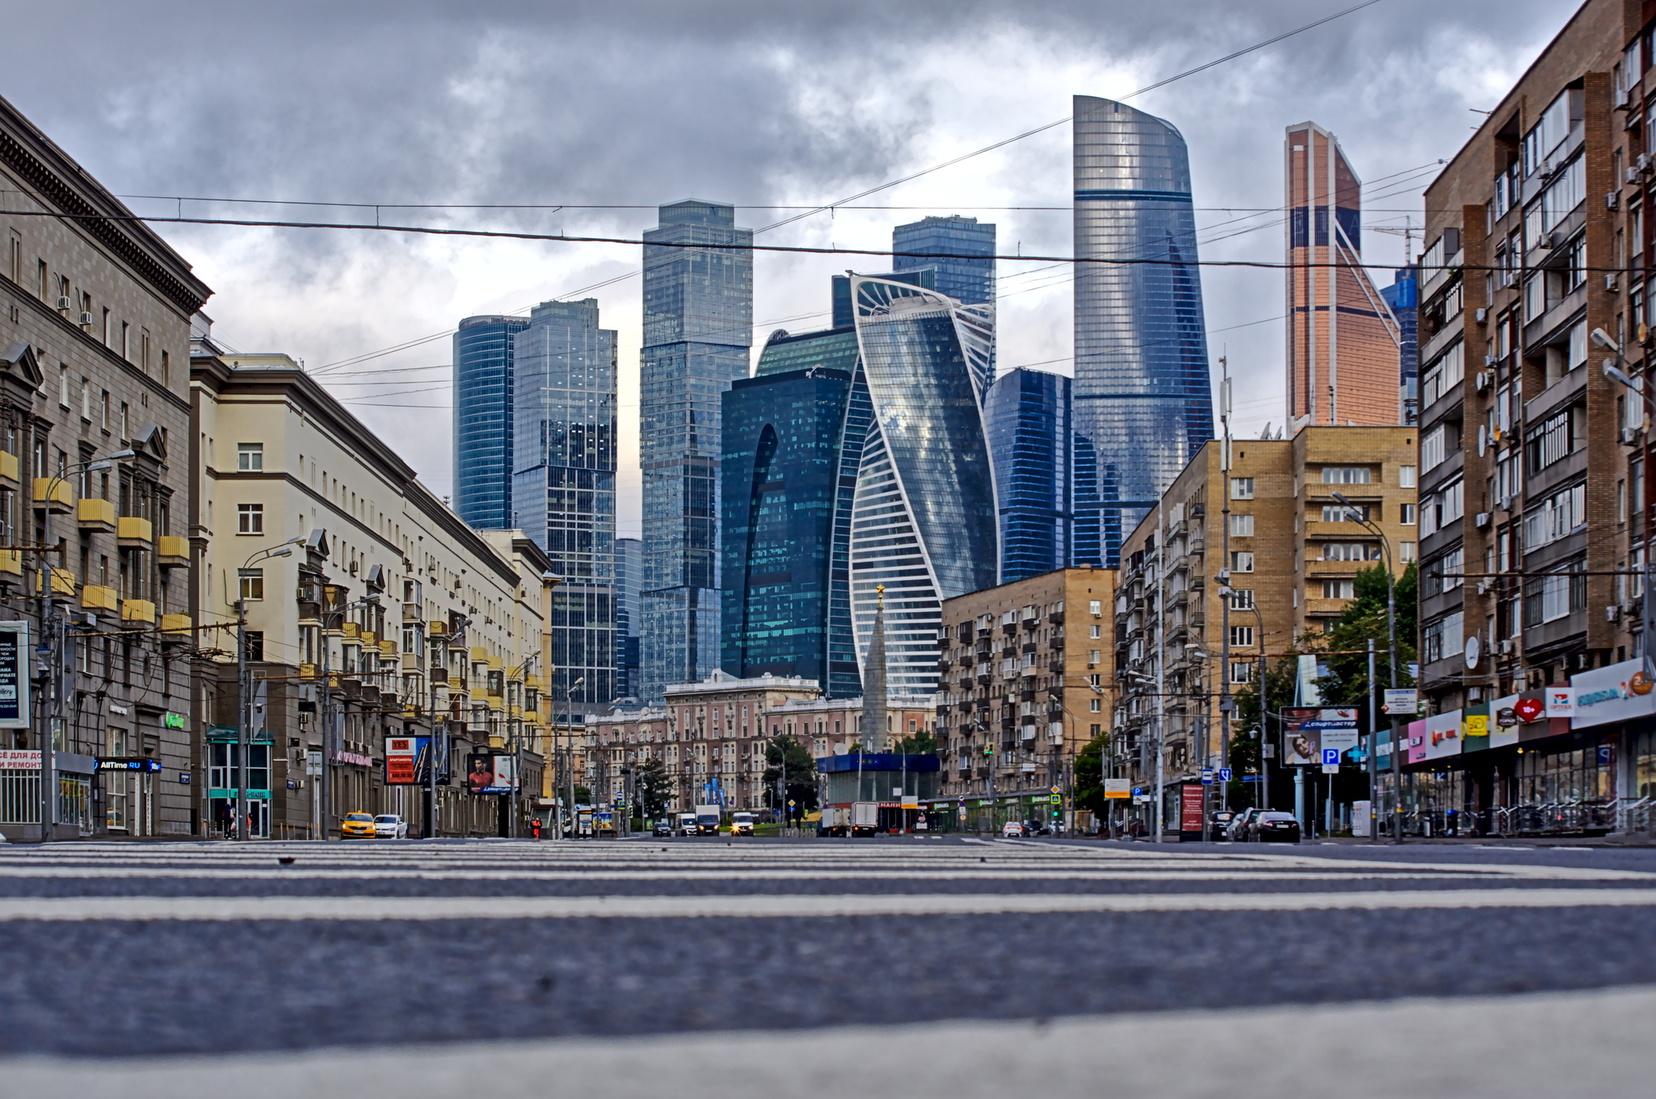 Moskau architektur, neu und alt Reise mit Kindern in der Transsibirischen eisenbahn